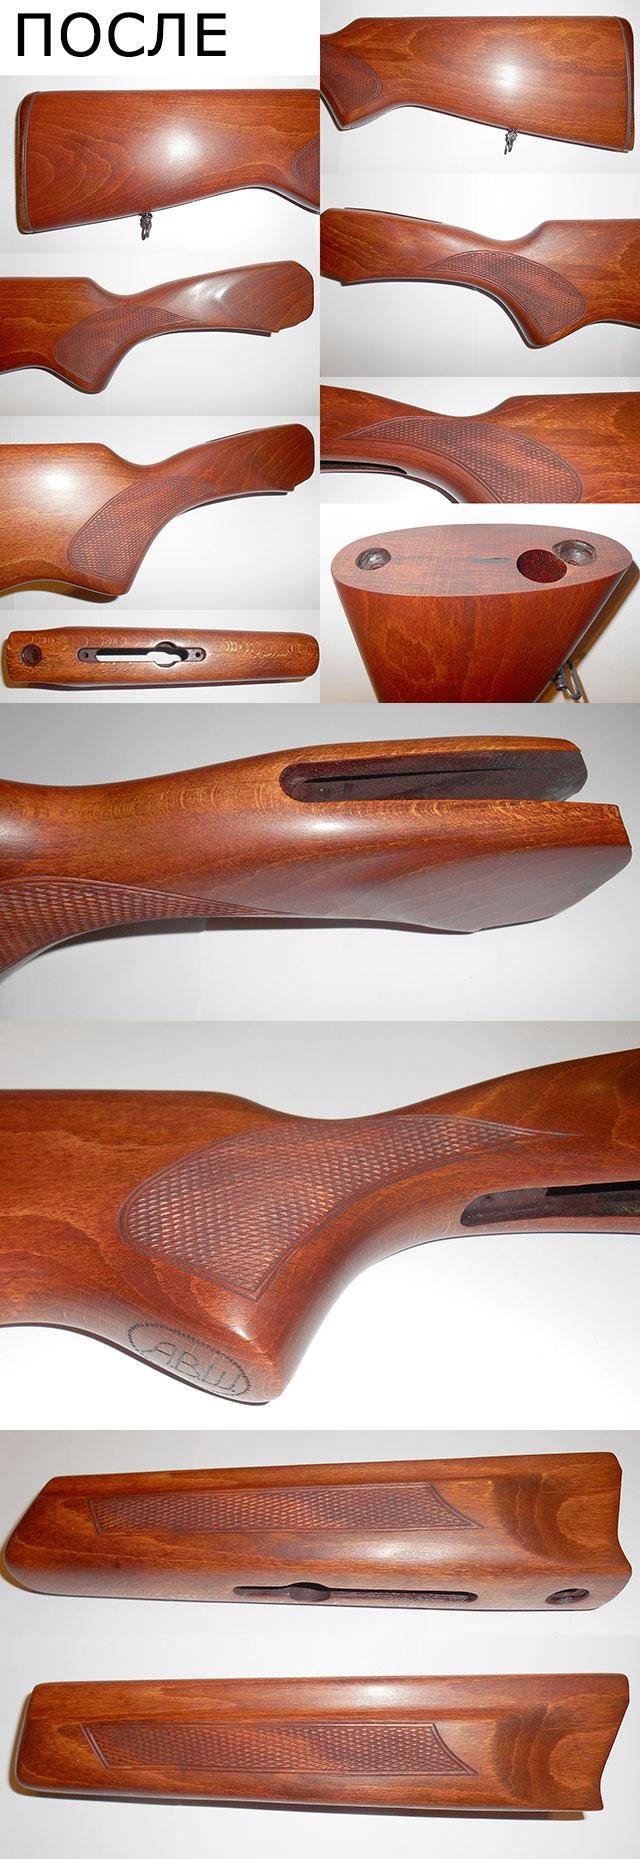 Приклад и цевье ружья ИЖ 27 после реставрации